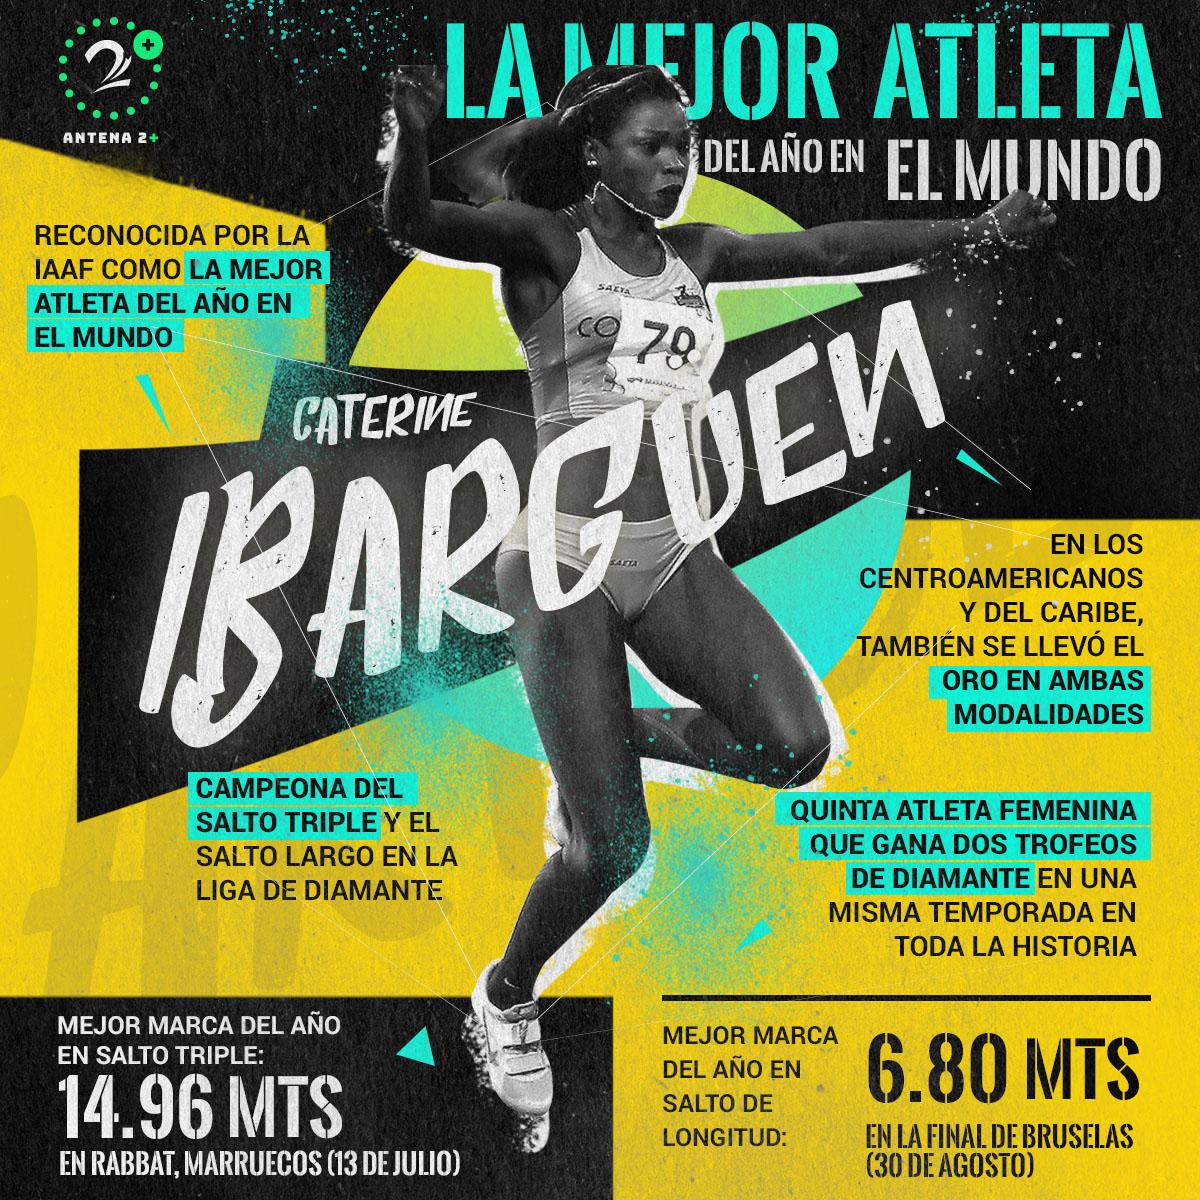 Caterine Ibargüen, la mejor deportista de 2018 en Colombia